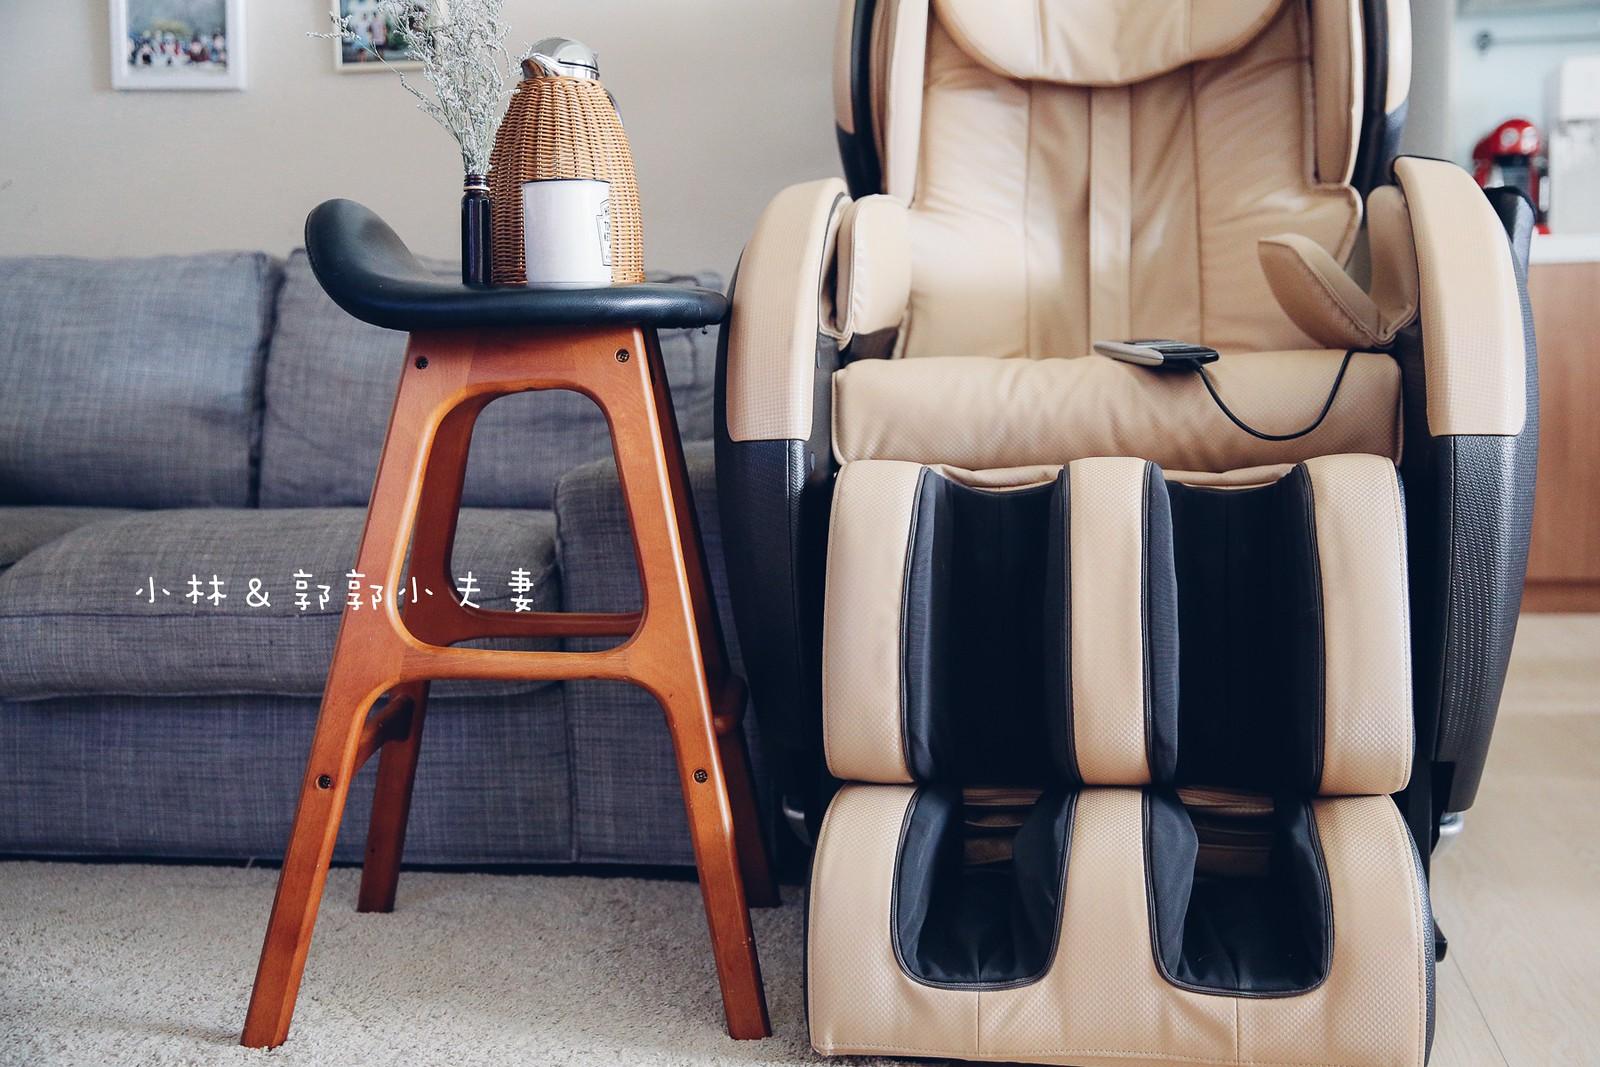 Bật mí tính năng kéo dãn trong ghế massage?